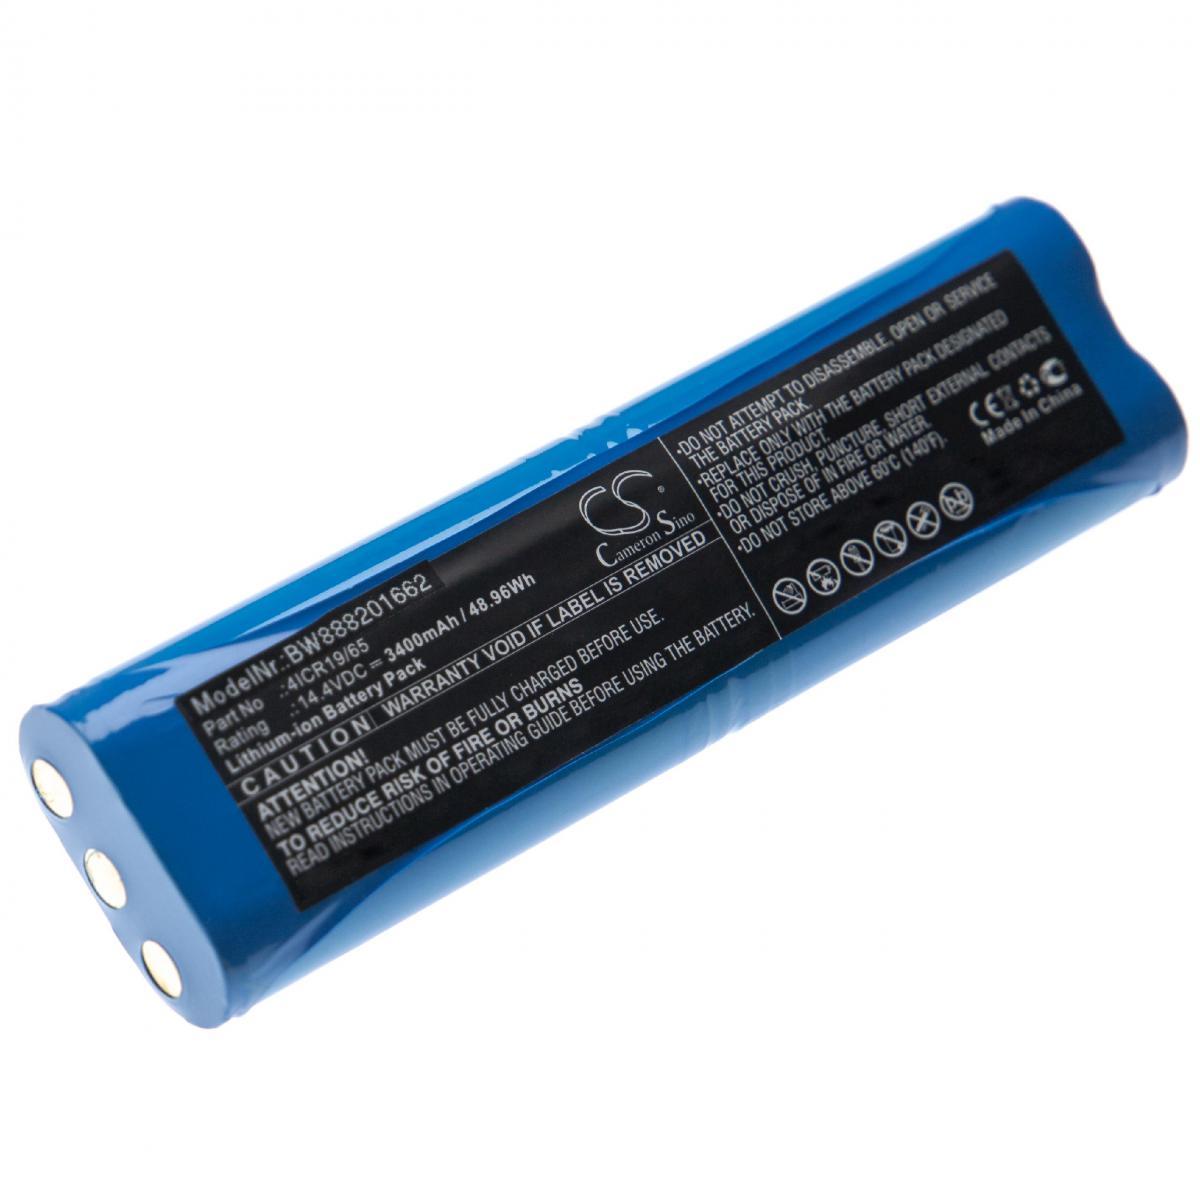 Vhbw vhbw batterie remplace Philips 4ICR19/65, 1605A, 1605C, 1605R, 1605W, FC8810, FC8820 pour aspirateur Home Cleaner (3400m